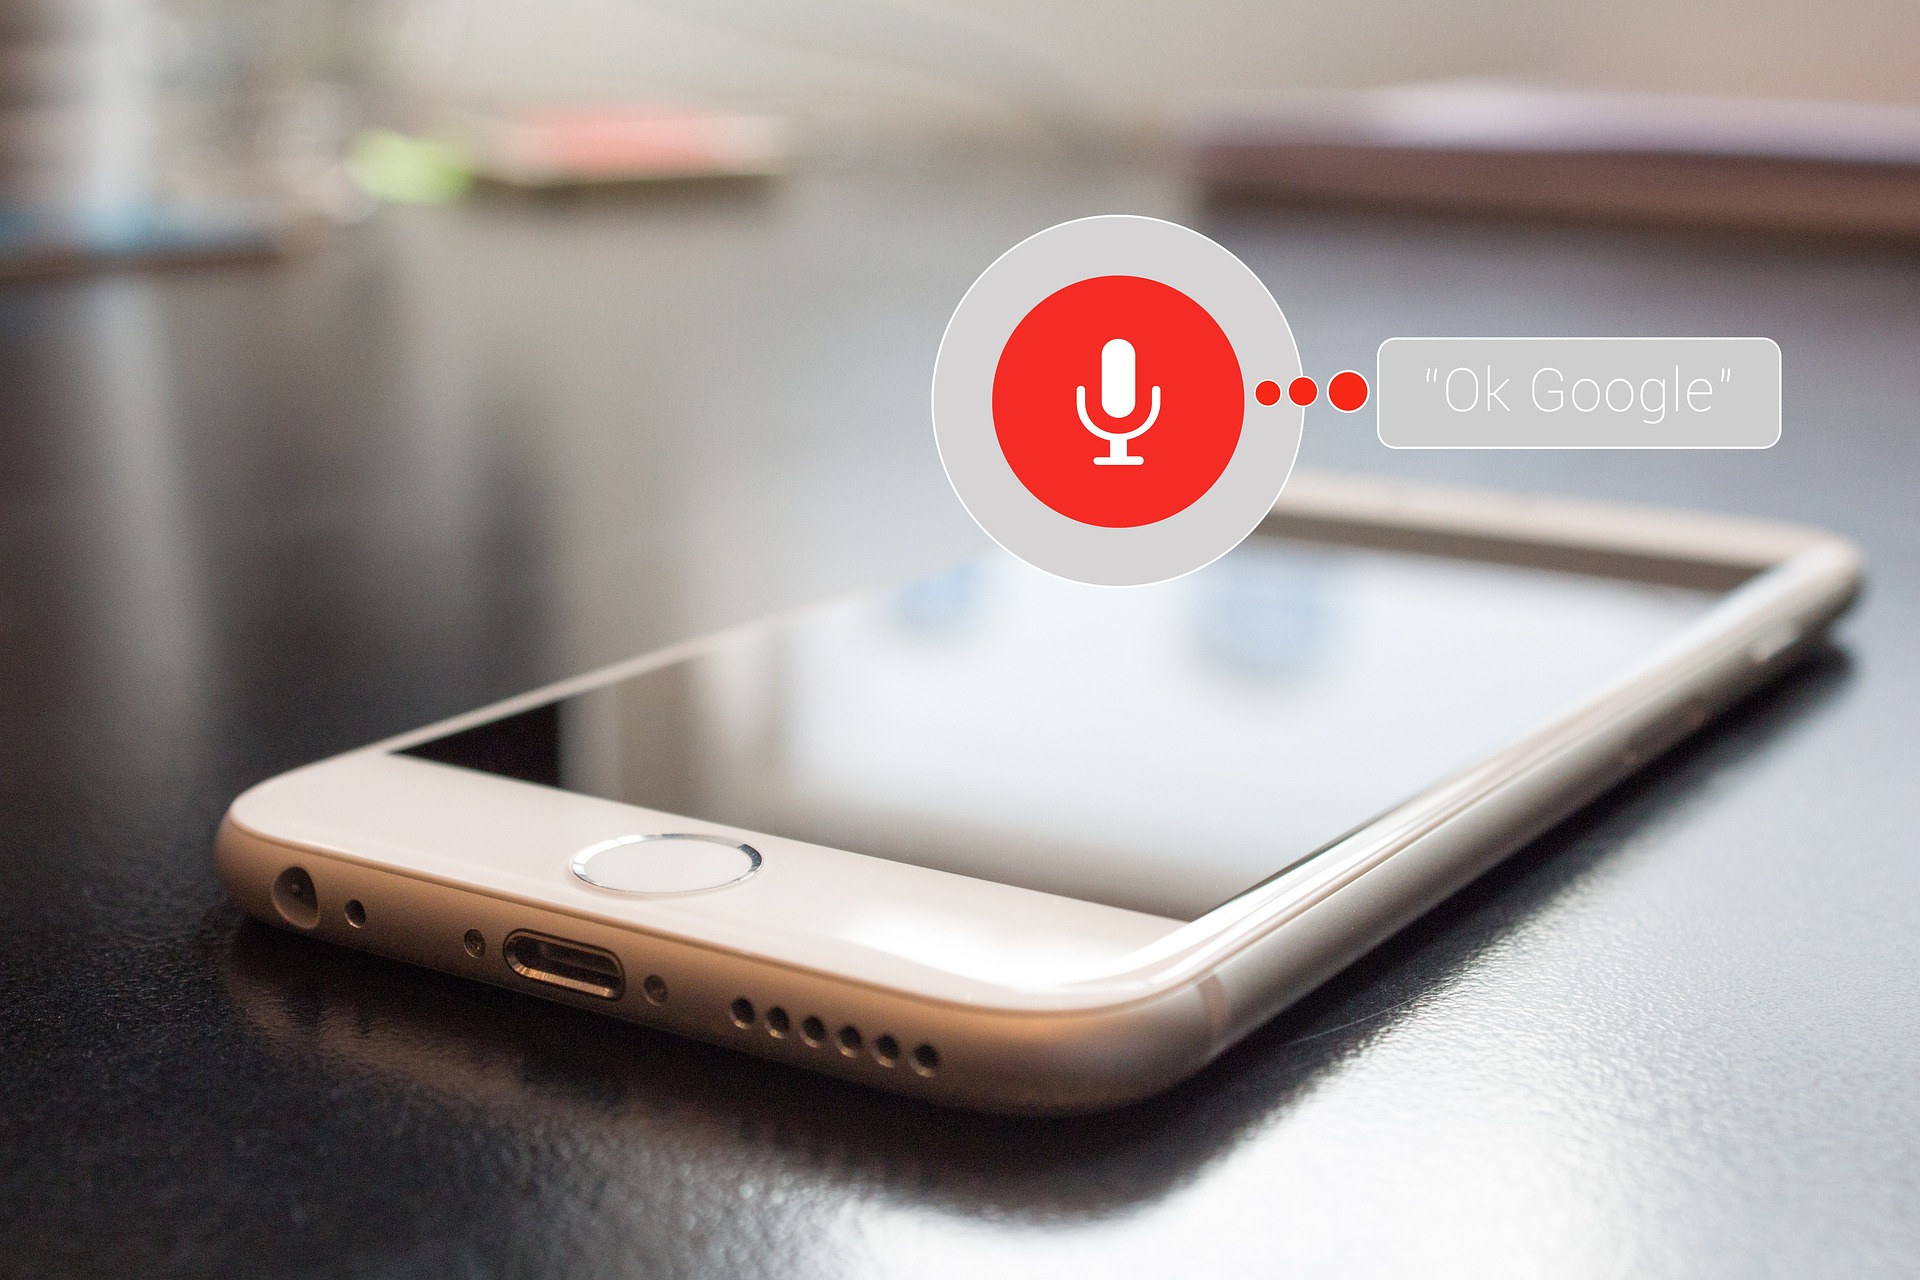 Google voice search spraakgestuurd zoeken